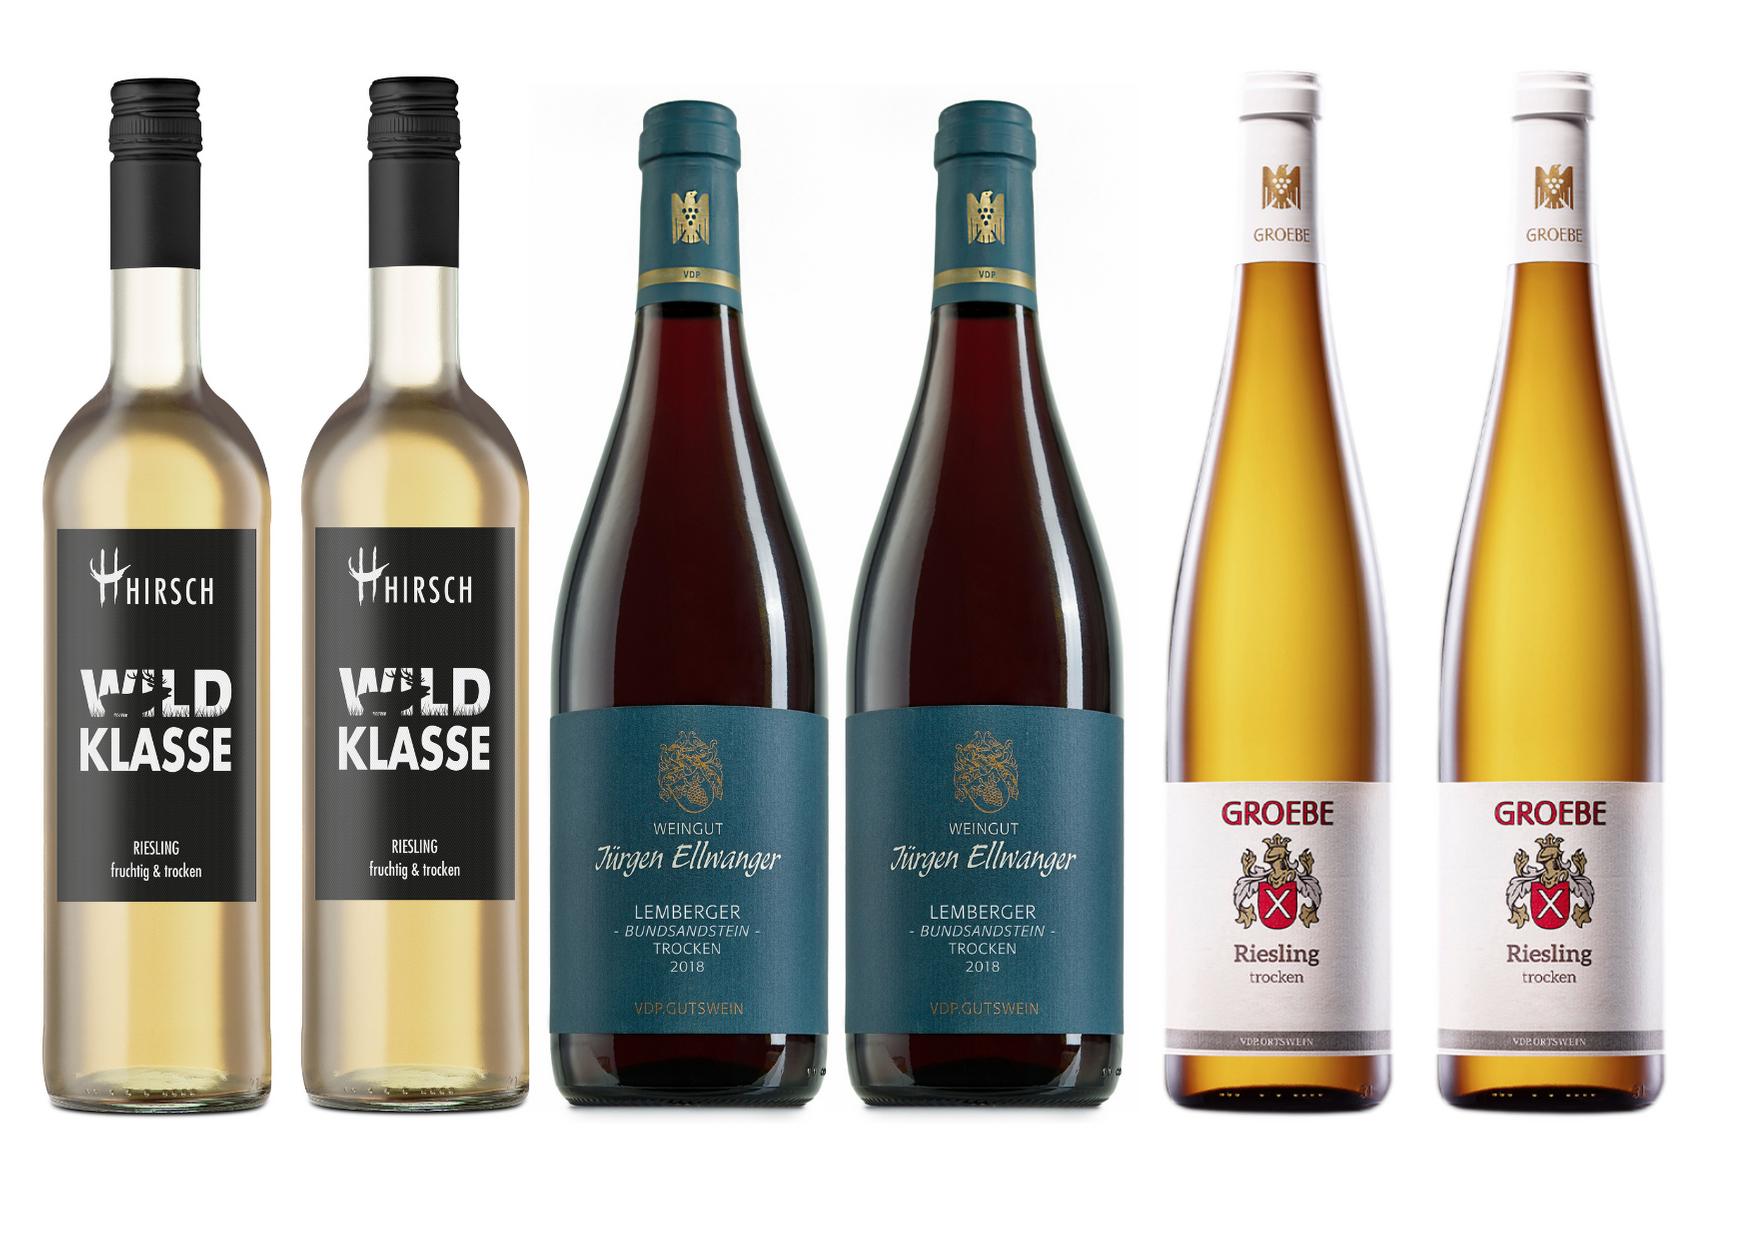 2018 Winzerbox bestehend aus 6 ausgewählten trockenen Weinen (4x Weiß, 2x Rot) aus eigenem Anbau (2018)